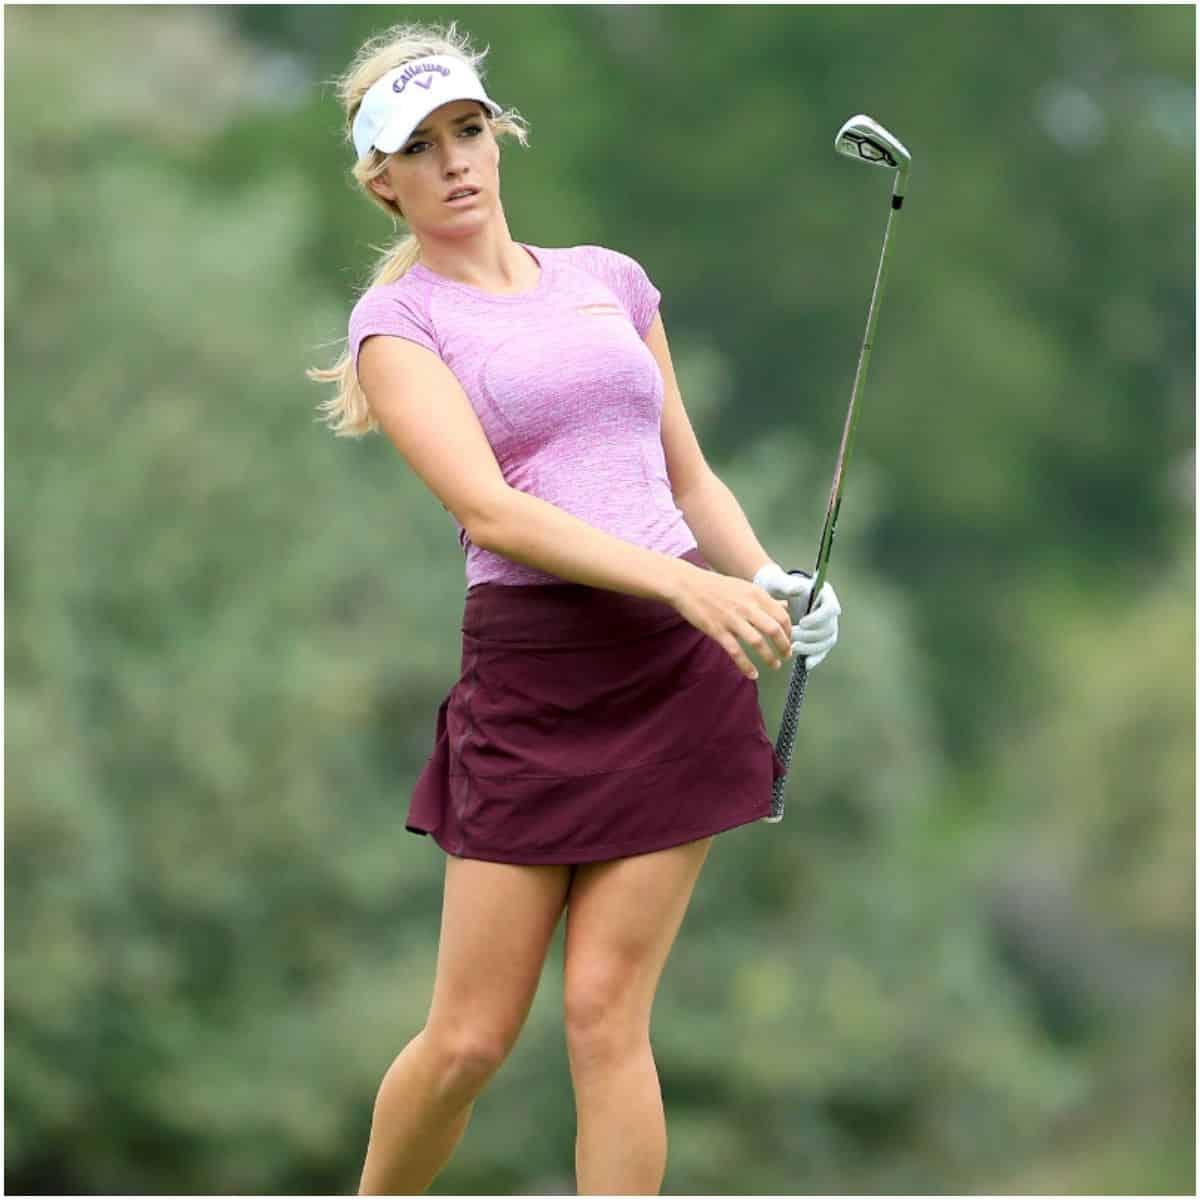 Paige Spiranac golf